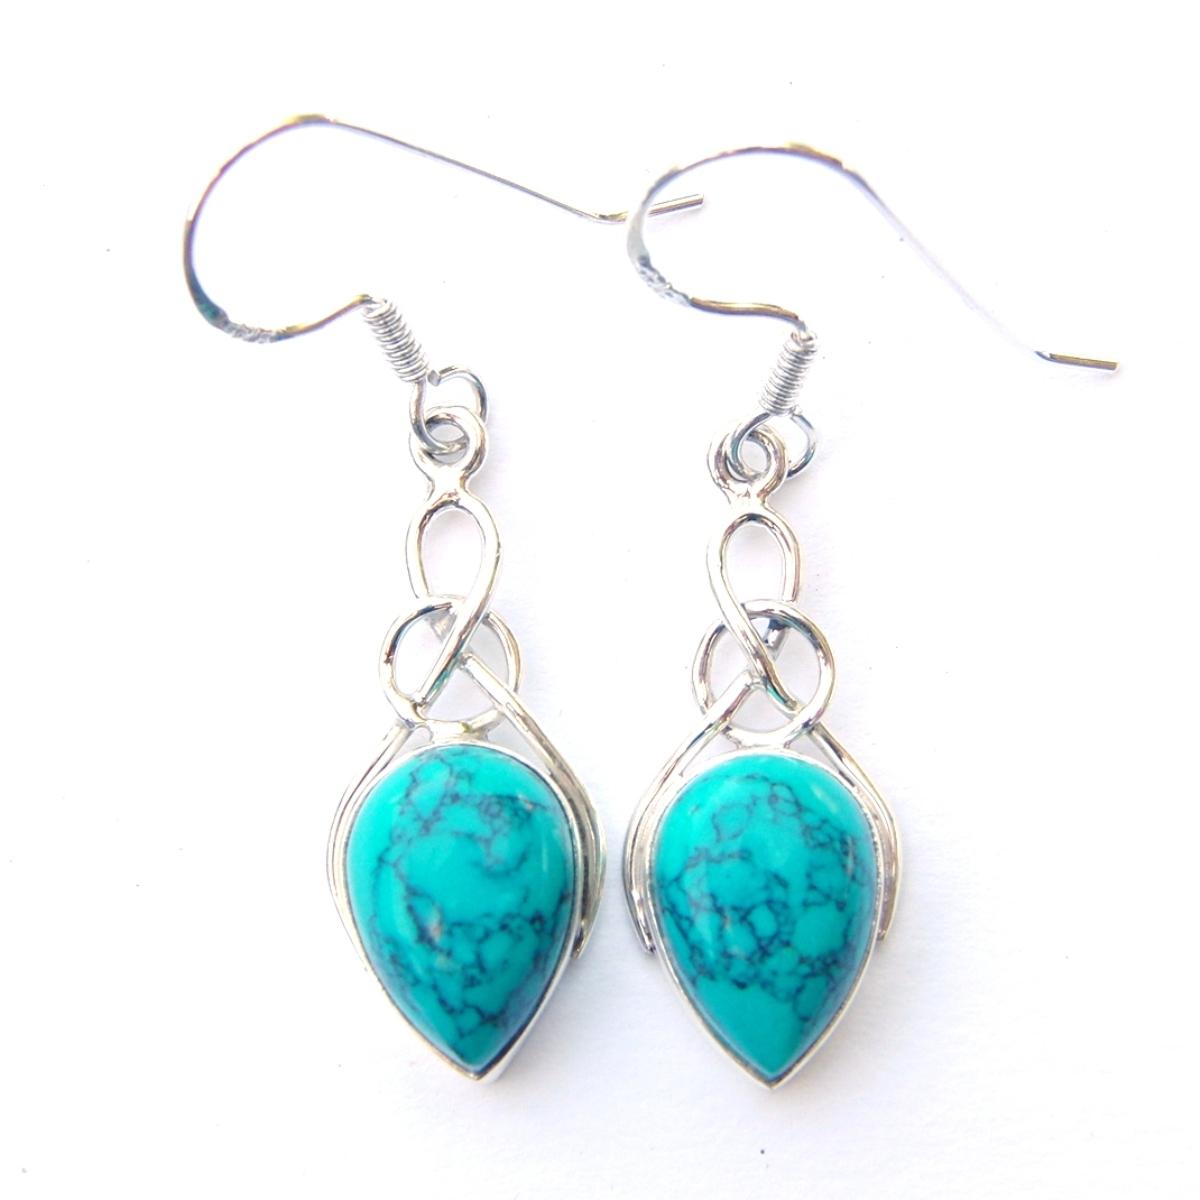 Turquoise Teardrop Knot Earrings